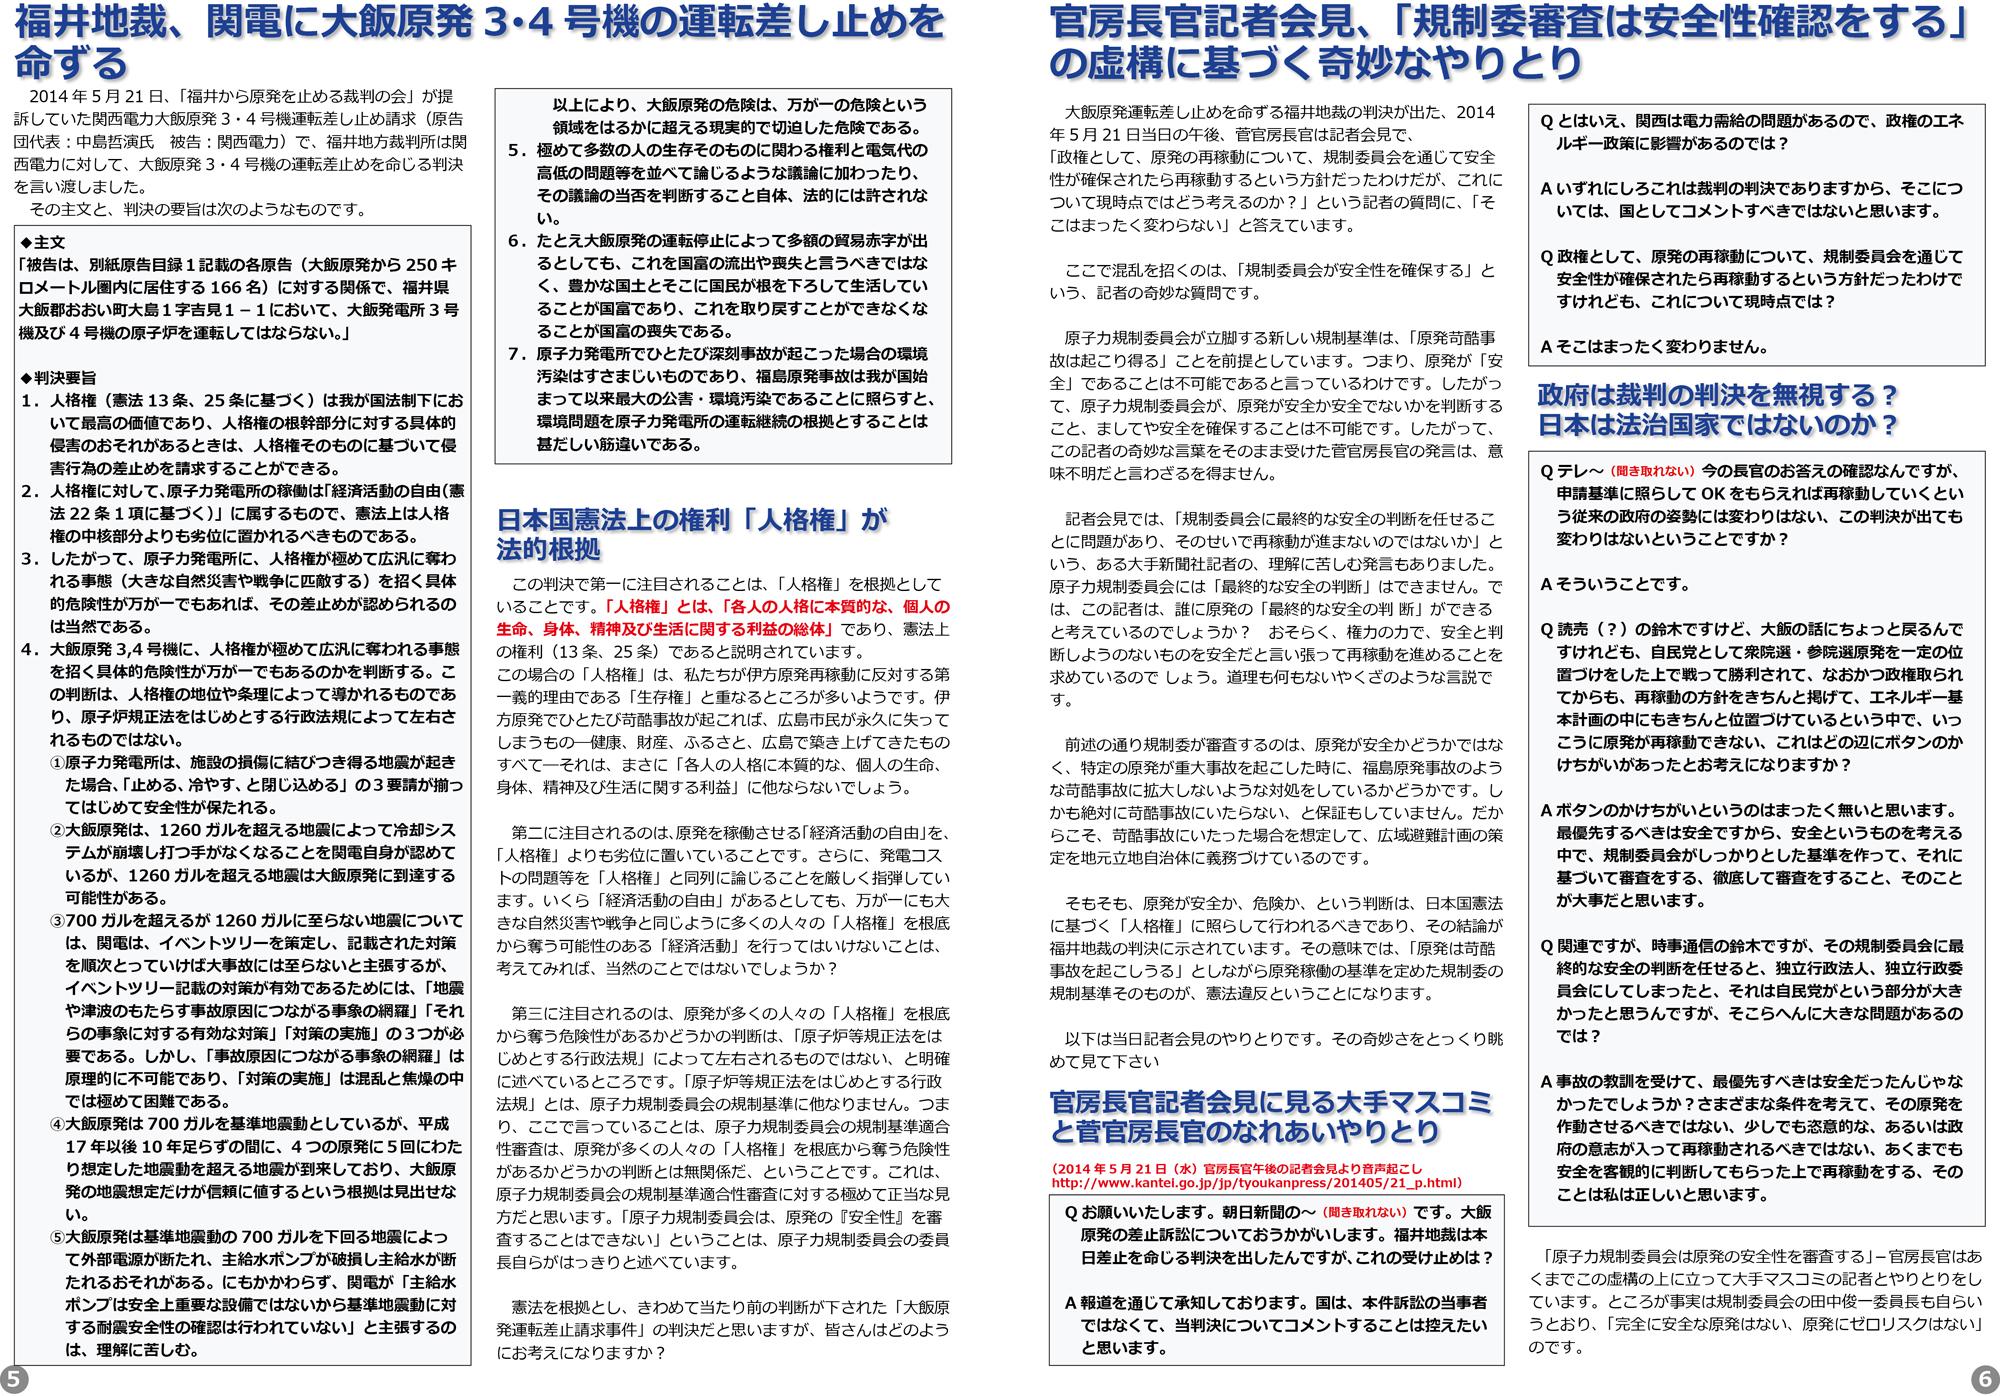 ファイル 19-3.jpg